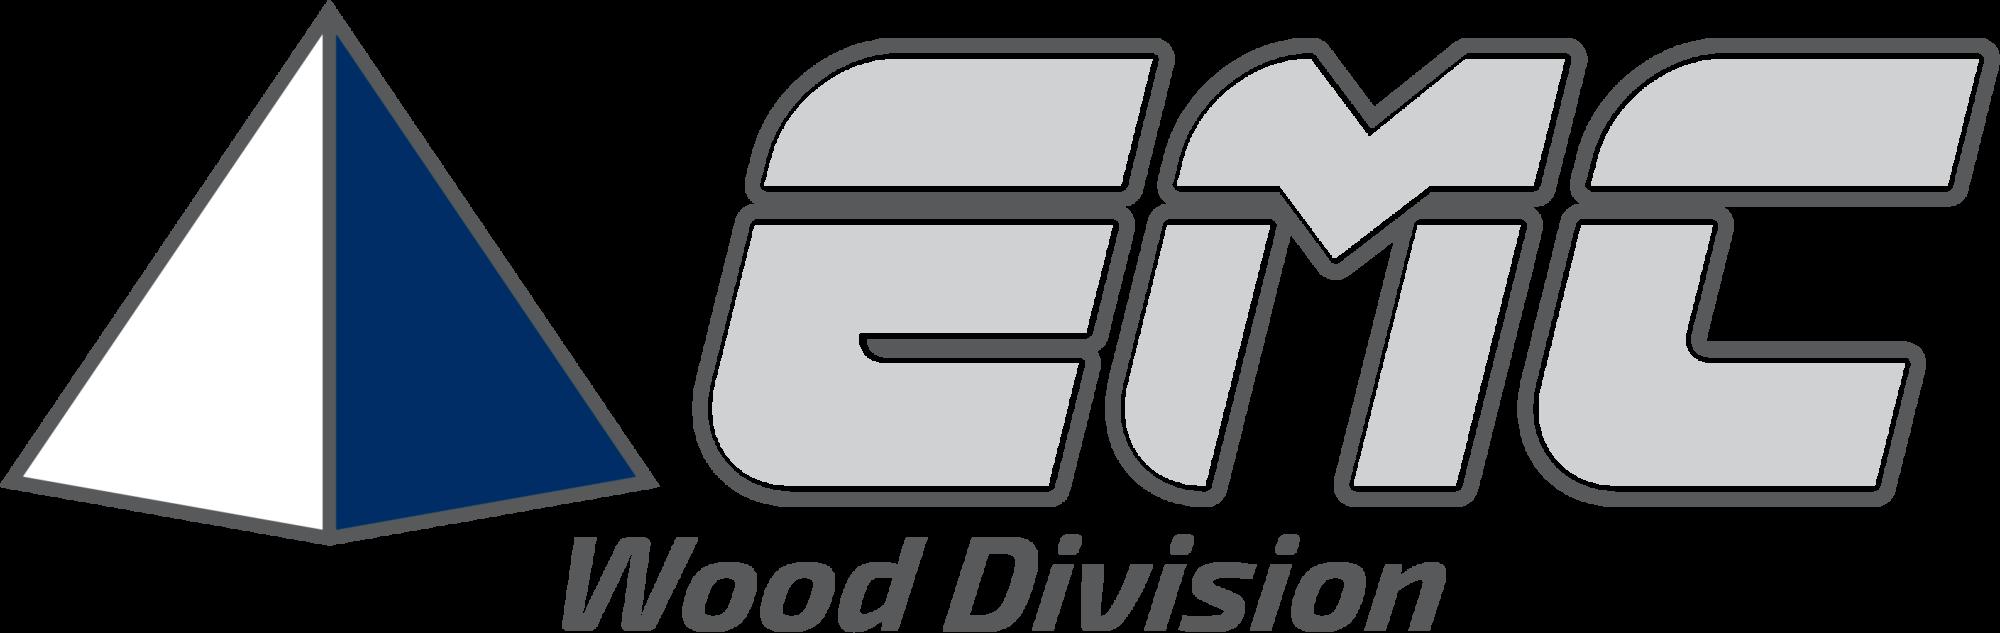 EMC WOOD DIVISION